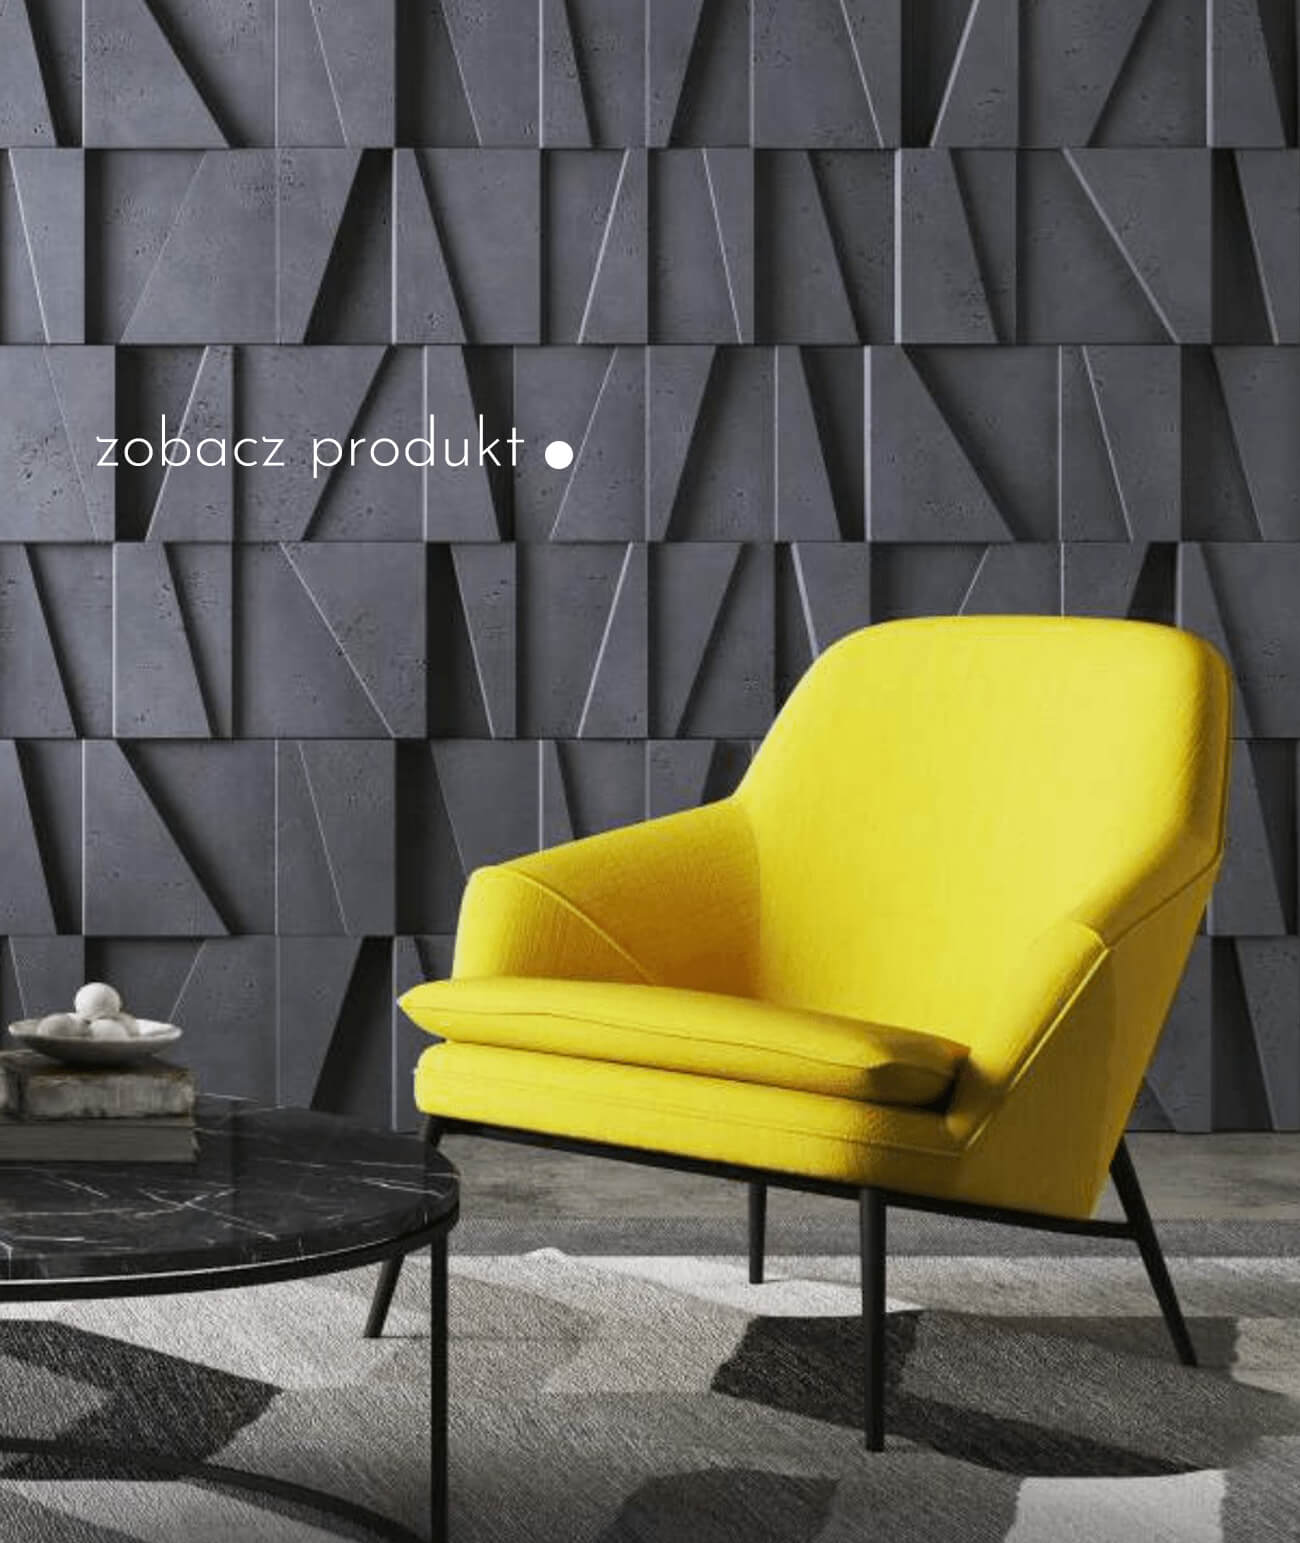 panele-betonowe-3d-scienne-i-elewacyjne-beton-architektoniczny_368-1985-pb09-b8-antracyt-mozaika---panel-dekor-3d-beton-architektoniczny-panel-scienny